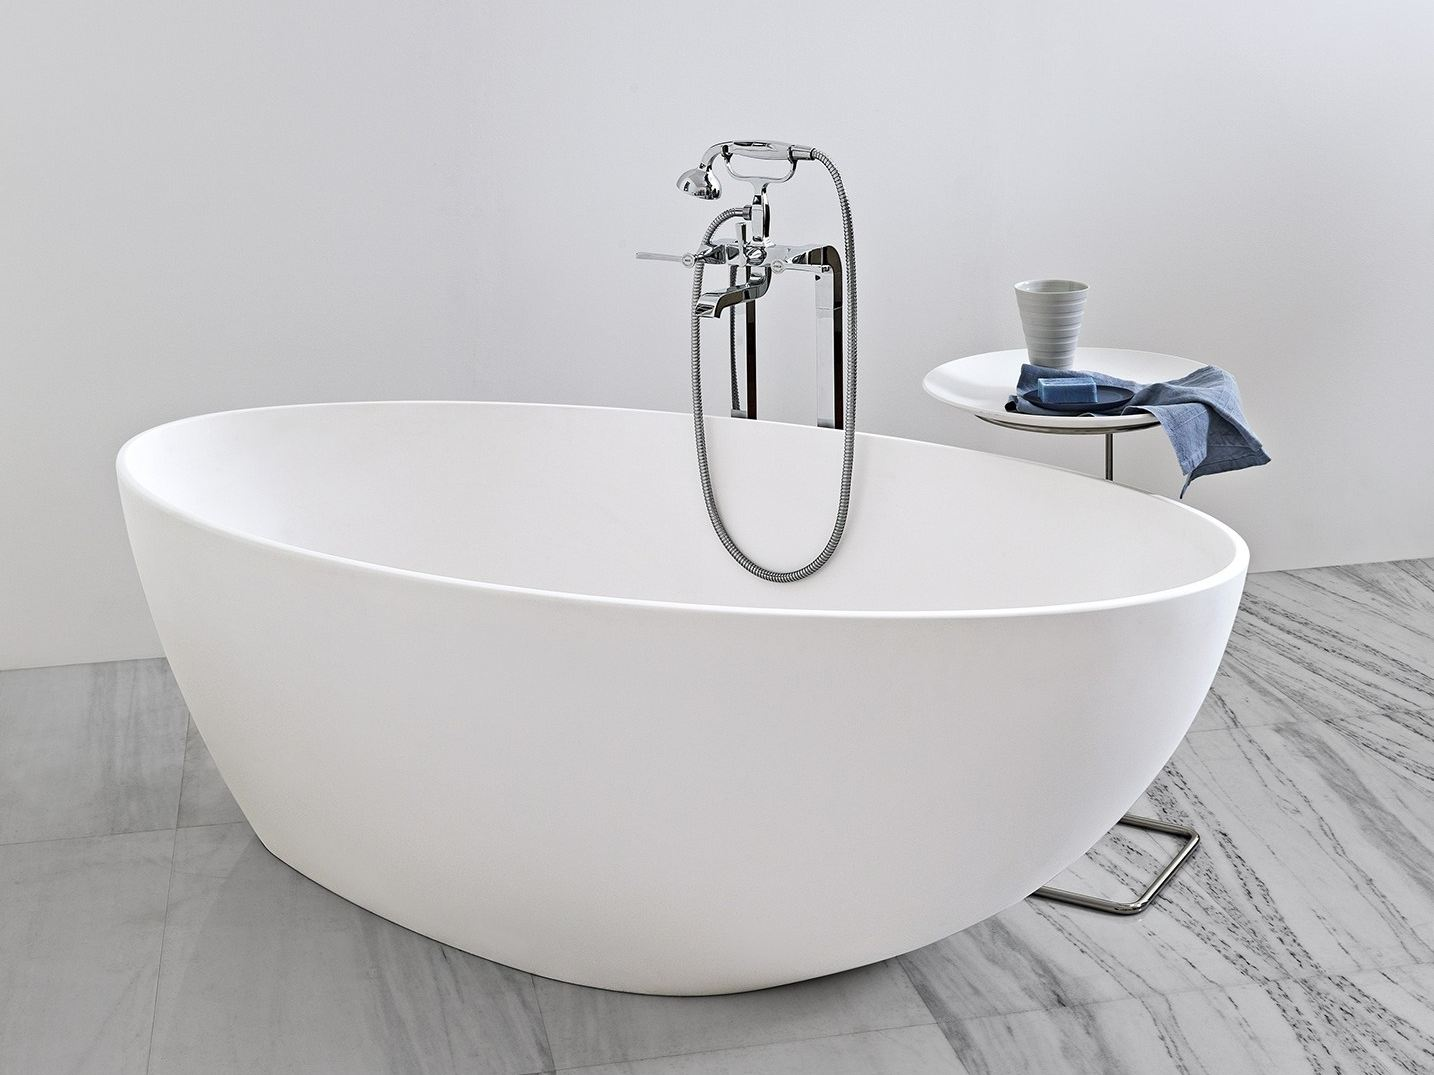 Vasca Da Bagno Freestanding In Acrilico : Come scegliere la vasca da bagno bagnolandia